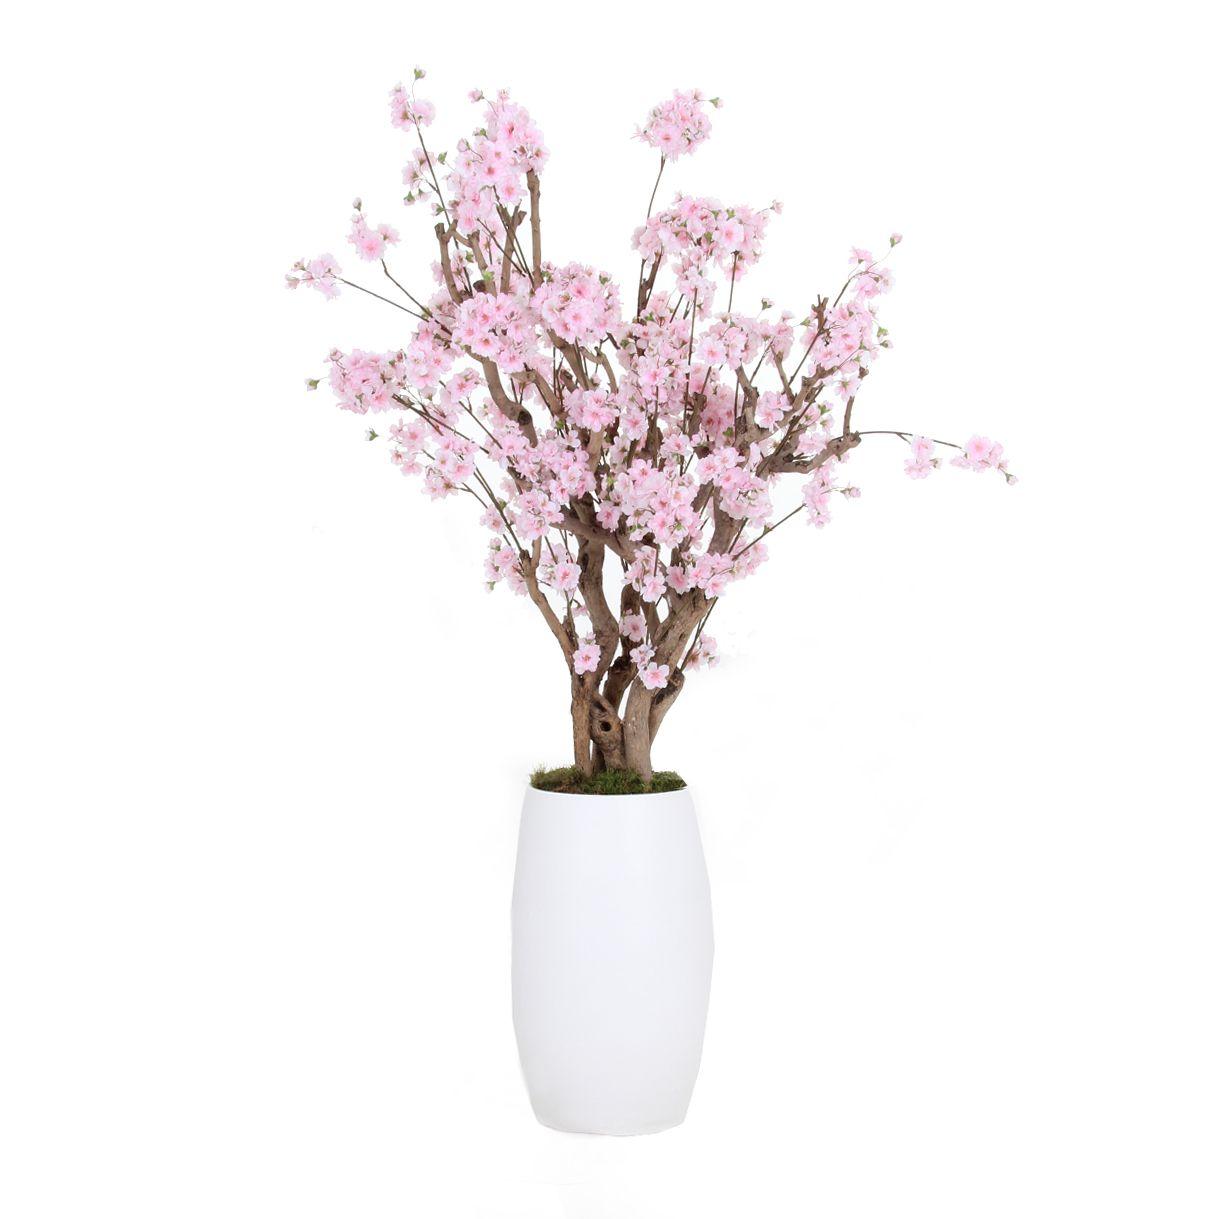 Ongekend Zijde bloemen, bloesem bomen, struiken op natuurlijk hout GI-38